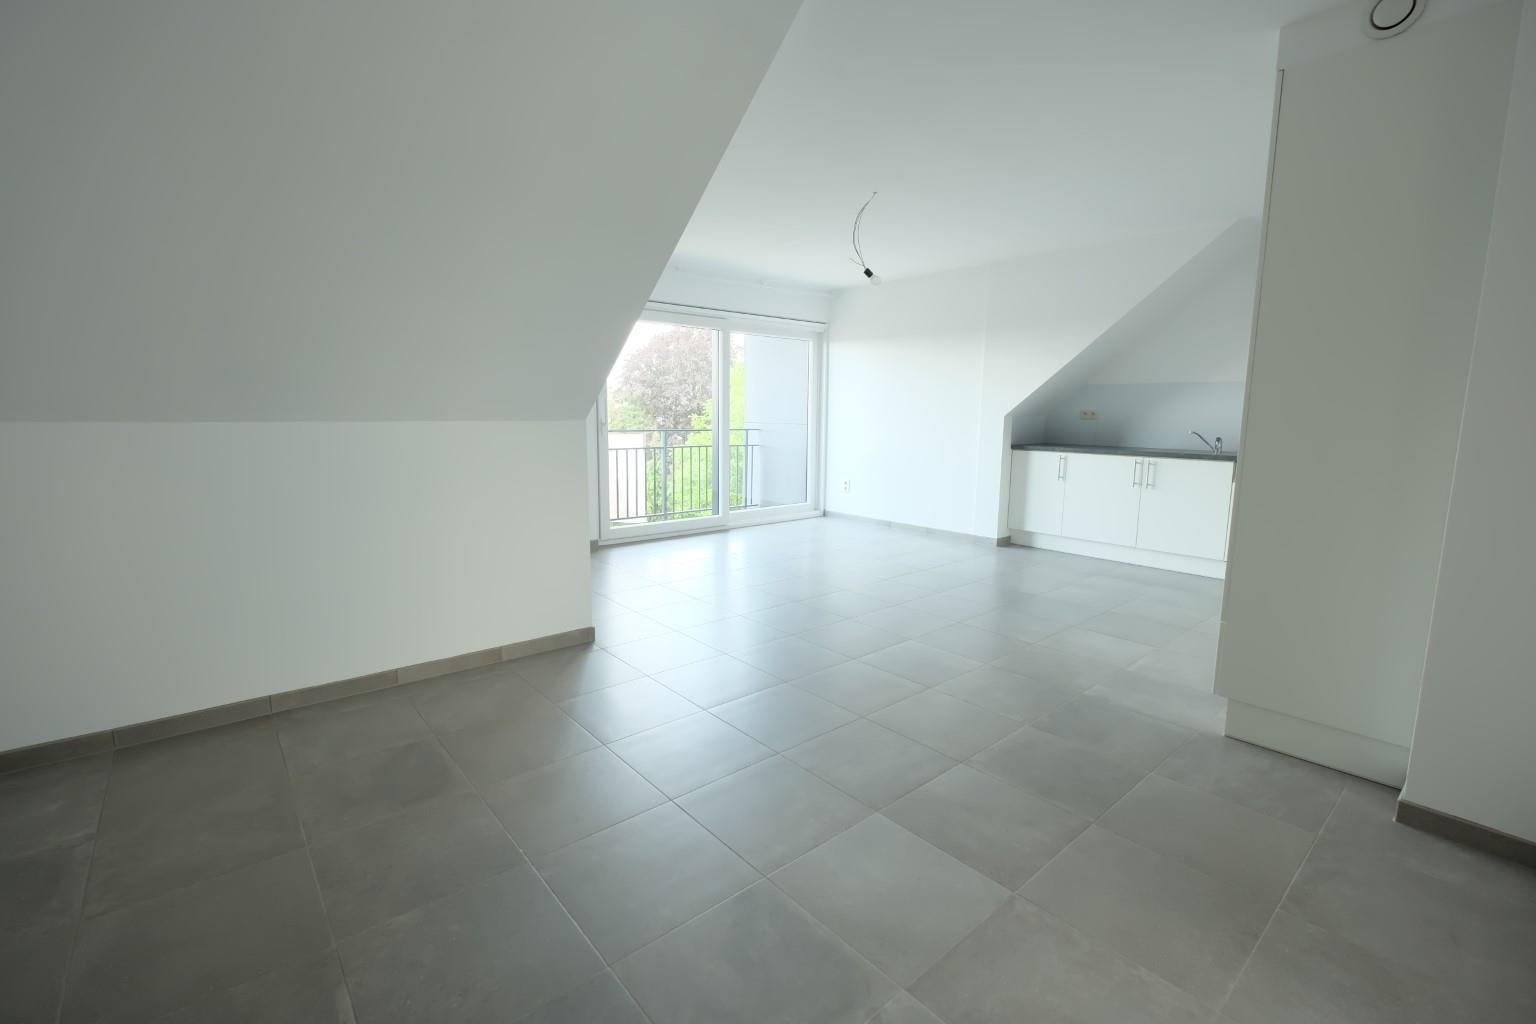 Appartement - Braine-le-Comte Hennuyères - #3450126-1